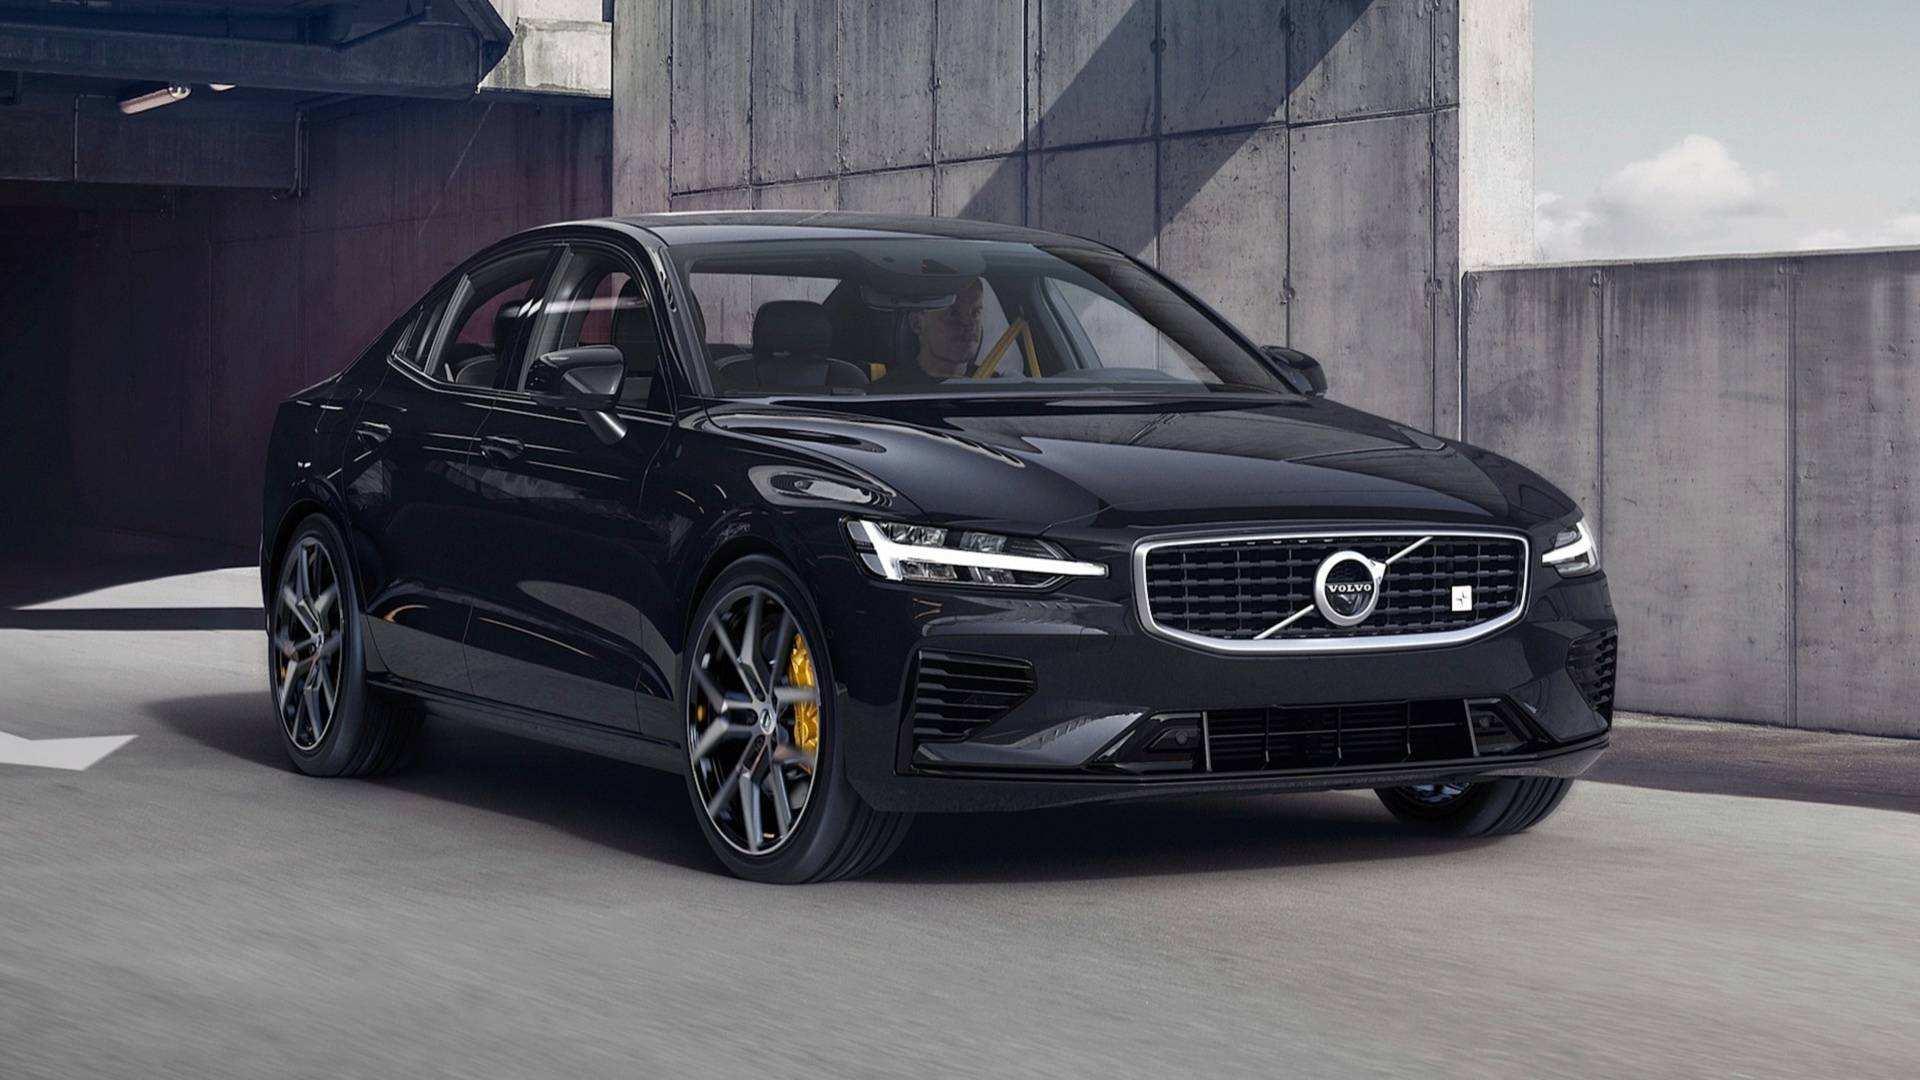 21 New Volvo S60 2020 Black Spy Shoot for Volvo S60 2020 Black